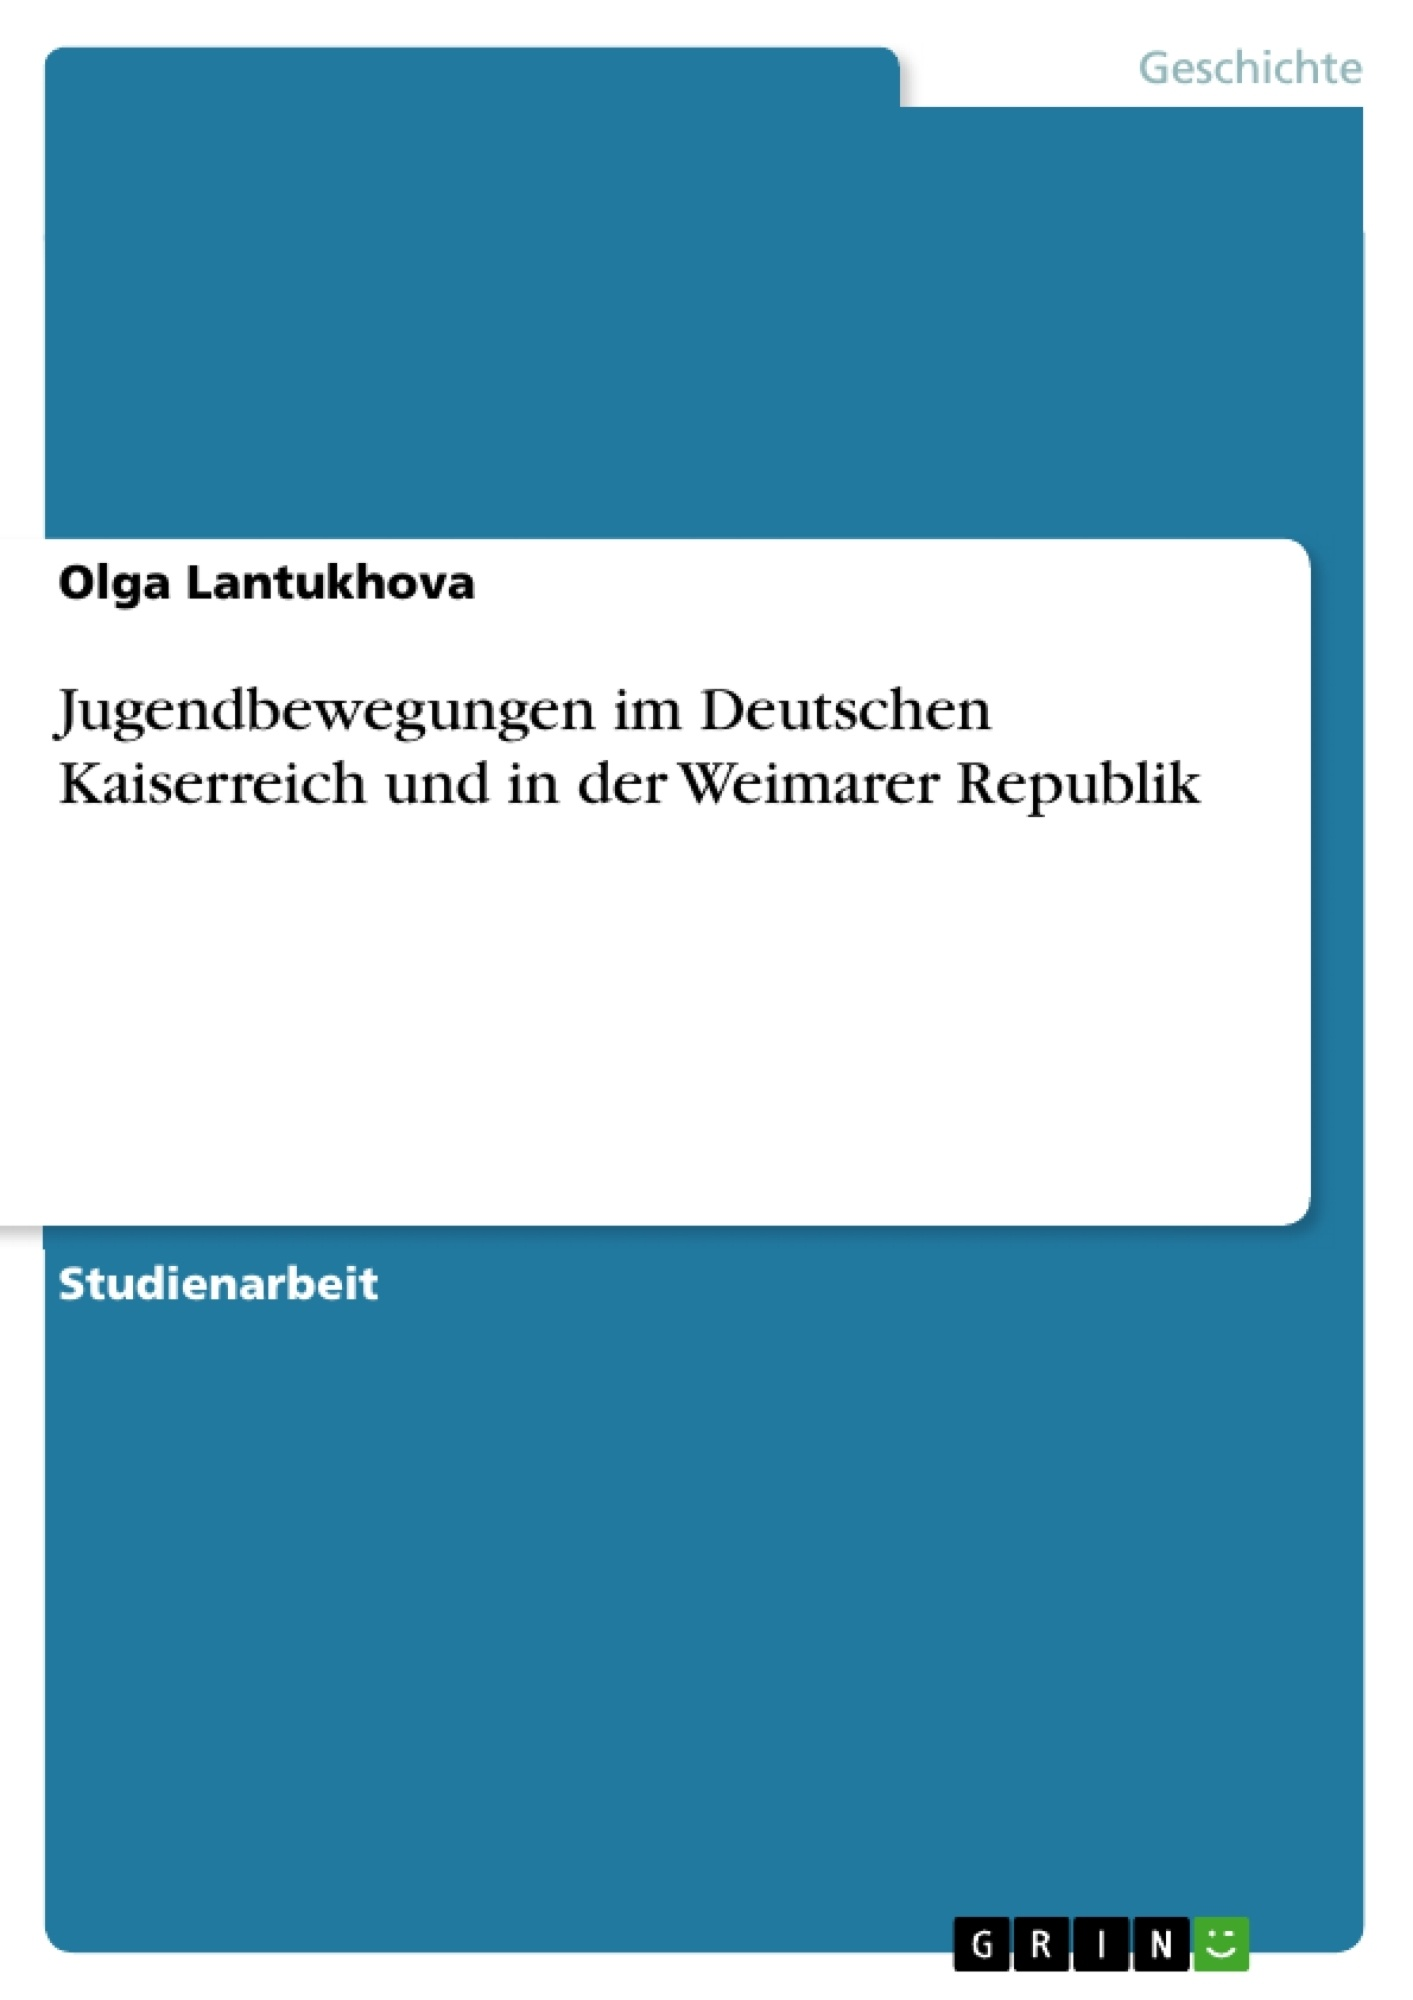 Titel: Jugendbewegungen im Deutschen Kaiserreich und in der Weimarer Republik